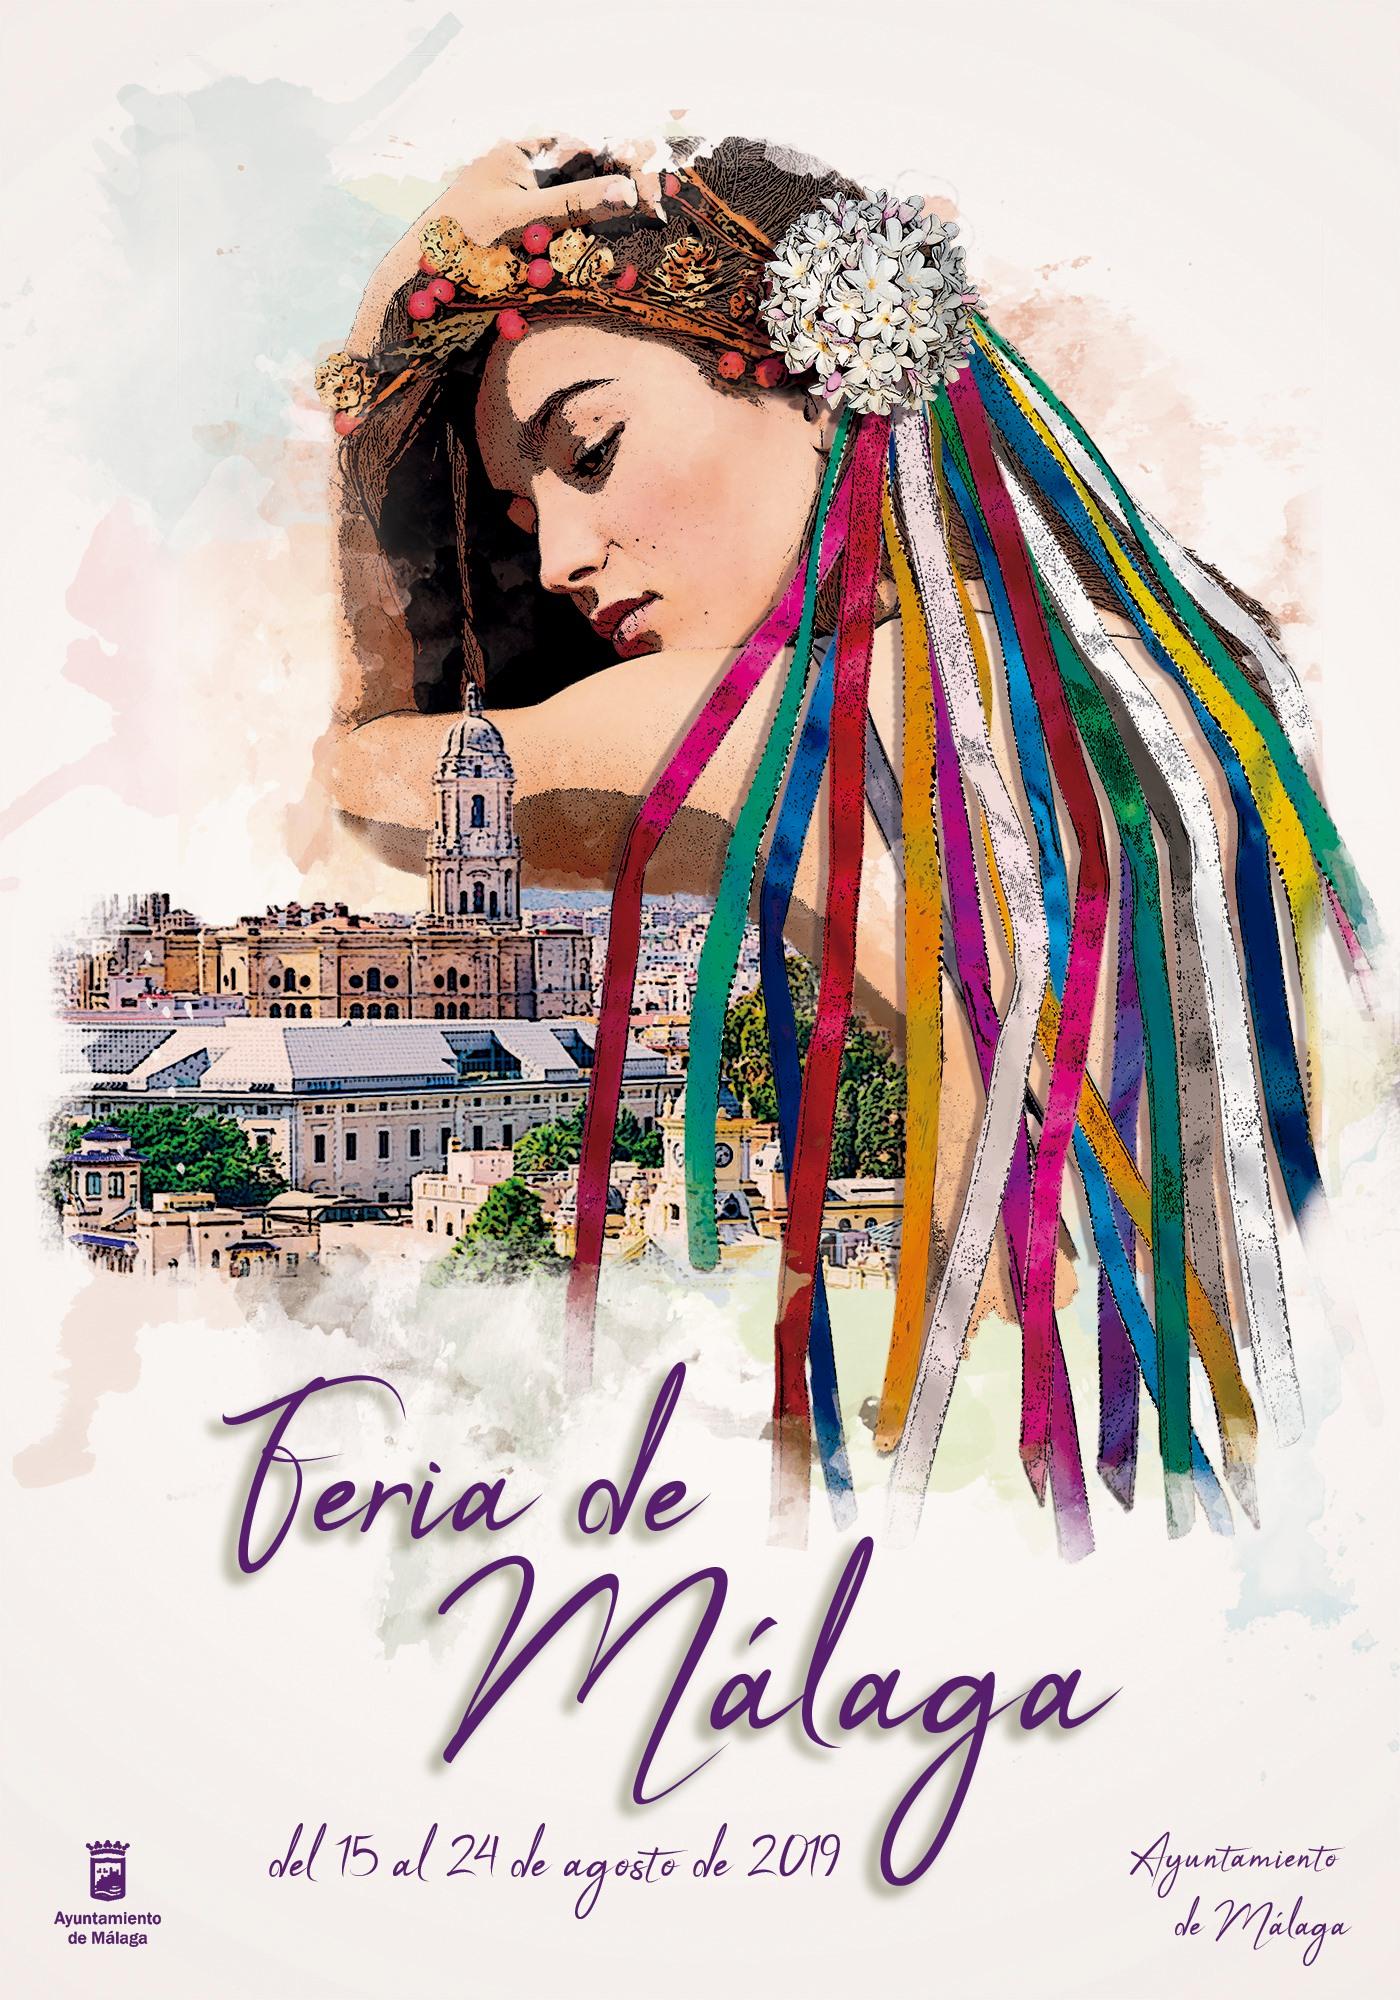 La Feria de Málaga 2019 ya tiene cartel